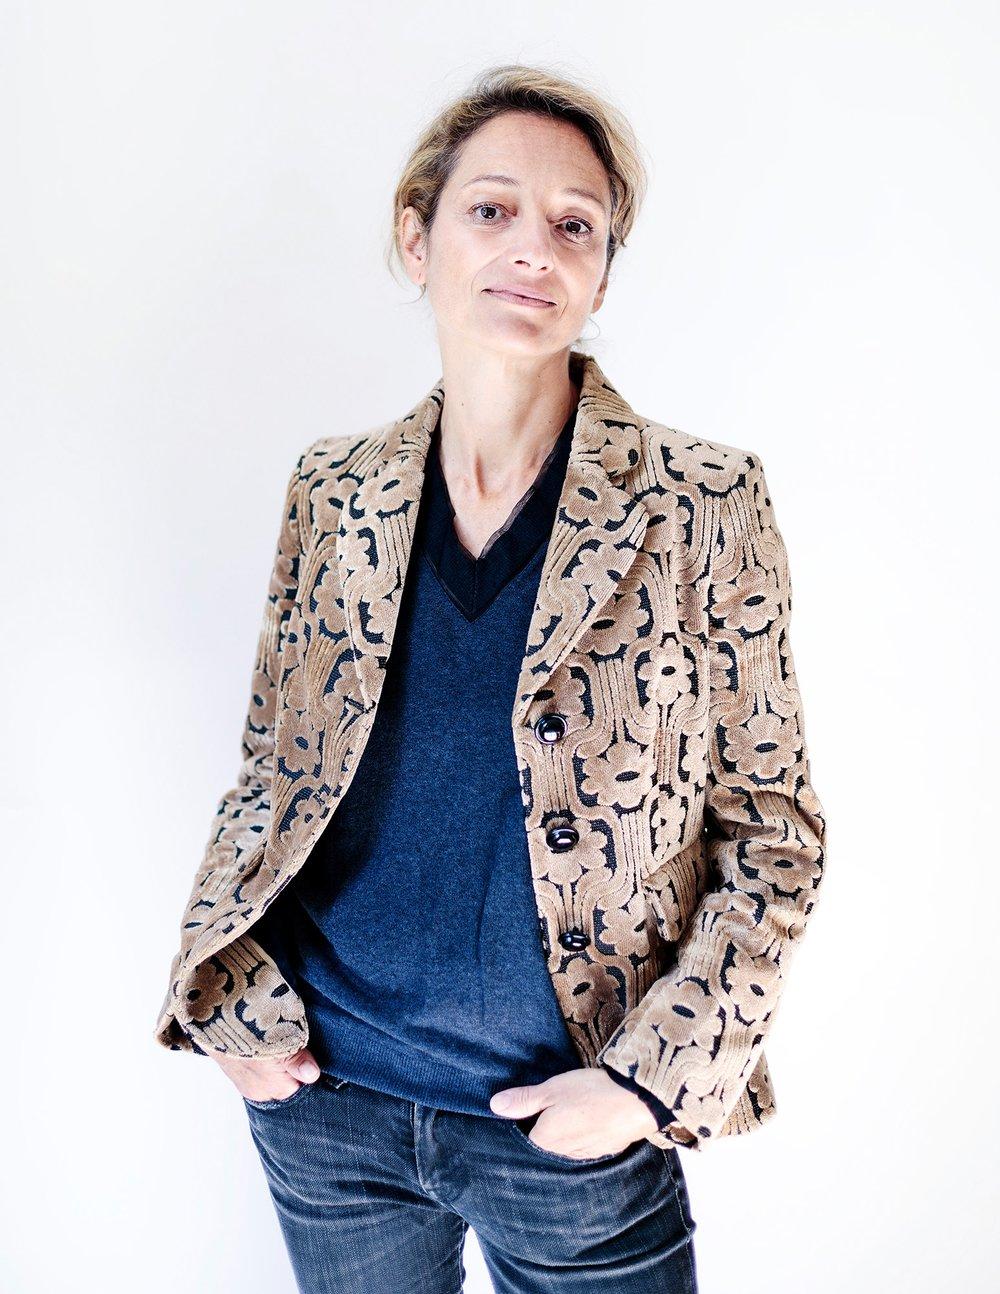 """De Maarse Paris, """"Less is More"""" * - De Maarse Paris prend le parti de l'épure, symbole d'une femme libre qui aime porter un bijou comme signe intérieur de richesse. Plus qu'un accessoire, le bijou De Maarse Paris est un objet.Artiste plasticienne, Pascaline Rey conçoit ses modèles comme ses sculptures : chaque pièce est issue d'une recherche sur la forme, les matériaux, la texture, la couleur avec toujours la volonté de créer un objet innovant, sobre et élégant.De Maarse Paris takes the side of clean and uncluttered lines, symbol of a free woman who likes to wear a jewel as an interior sign of wealth. More than an accessory, the De Maarse Paris jewel is an object.Visual artist, Pascaline Rey designs her jewellery as she creates her sculptures : each piece is the result of a research on the shape, the material, the texture and the color, always with the will to create an innovative, sober and elegant object.* Ludwig Mies von der Rohephoto © samuel_kirzenbaum"""